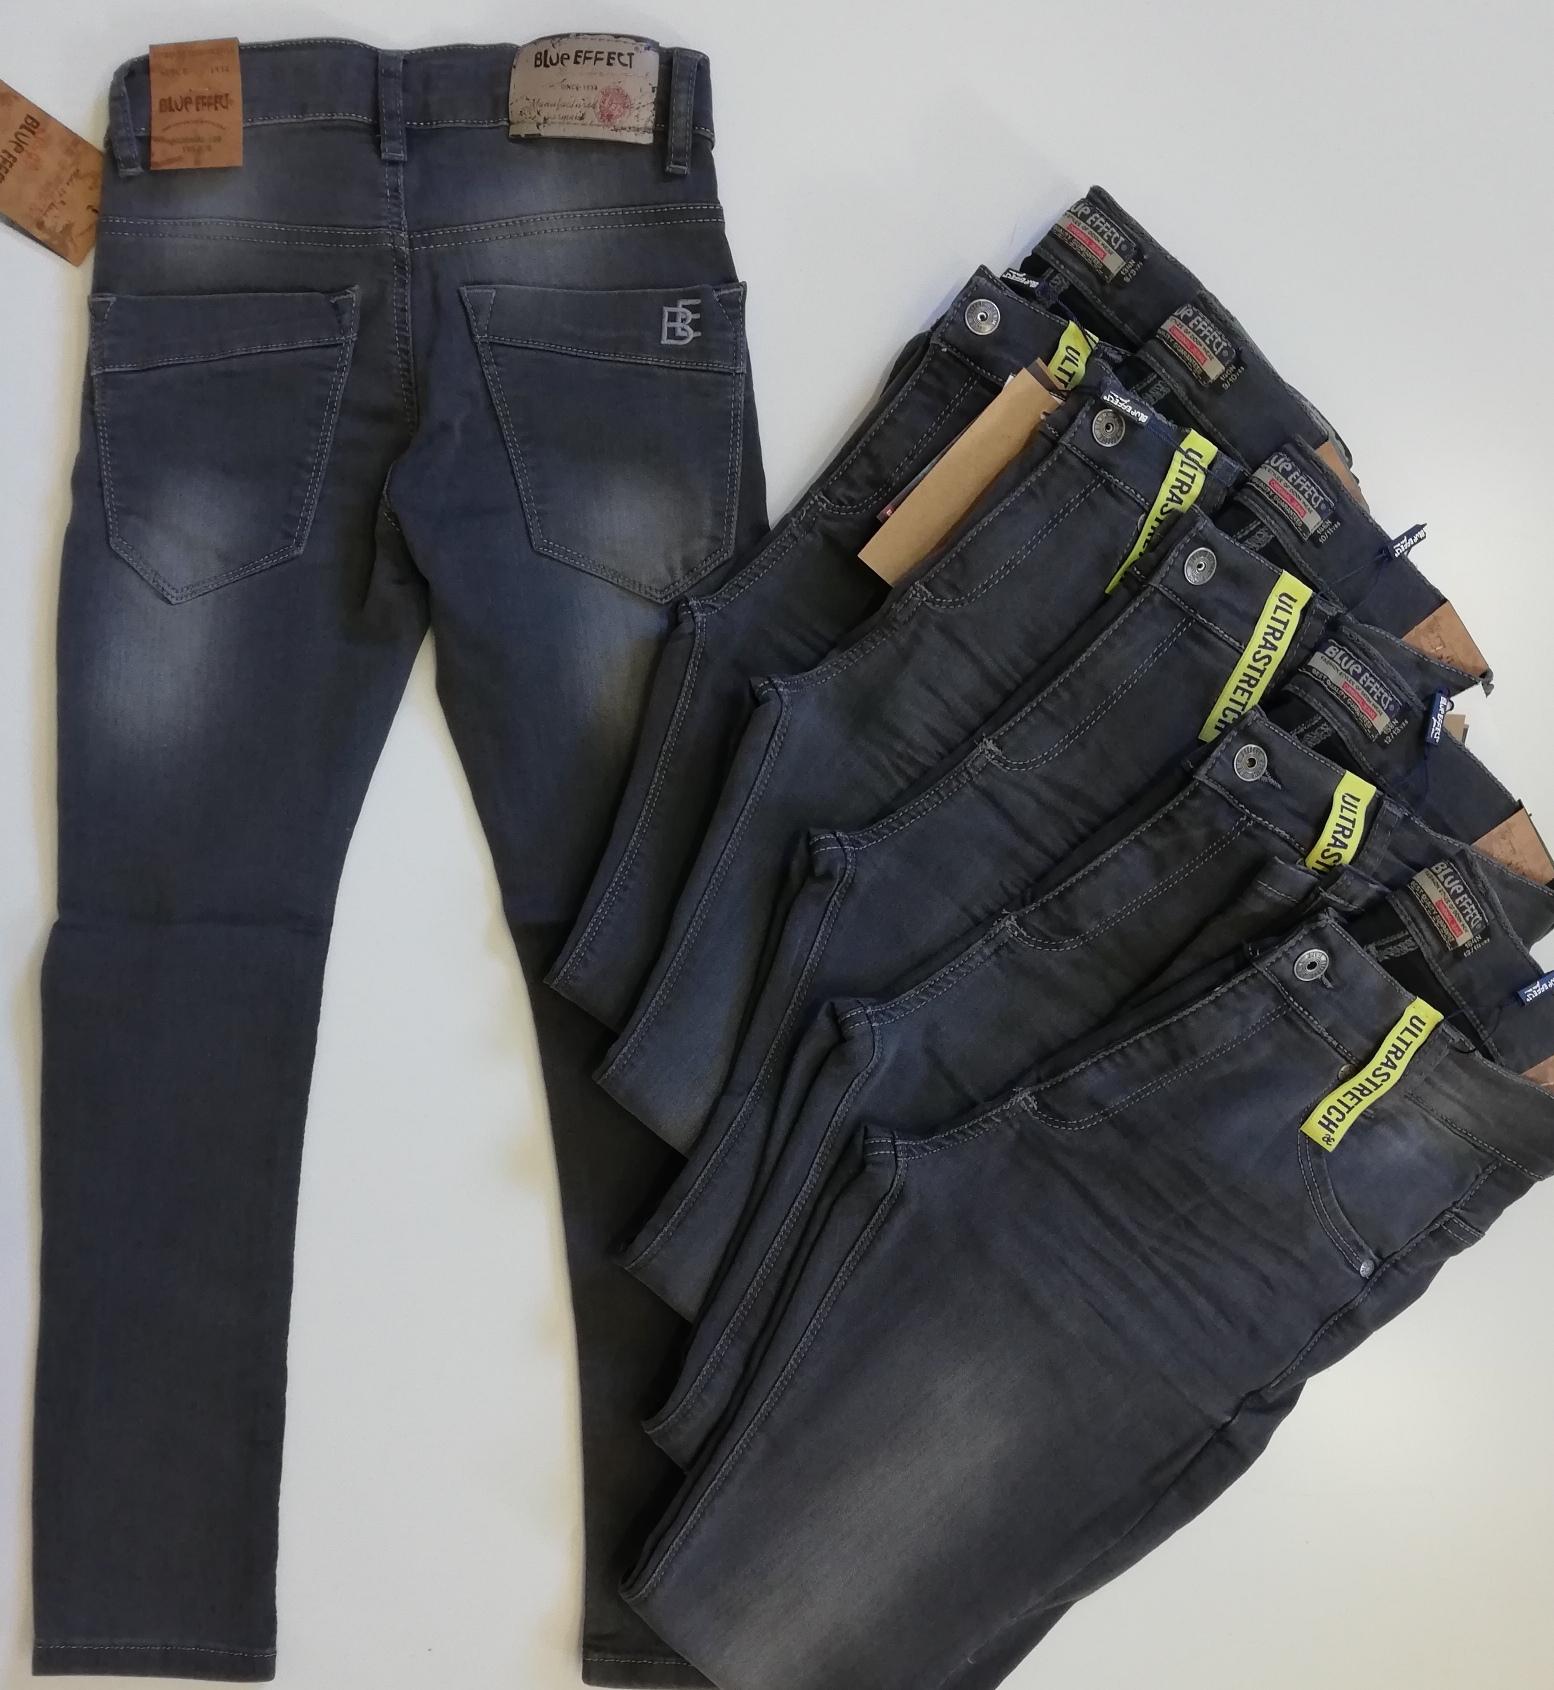 Chlapecké džíny Blue effect vel. 128,134,140,246,158,164